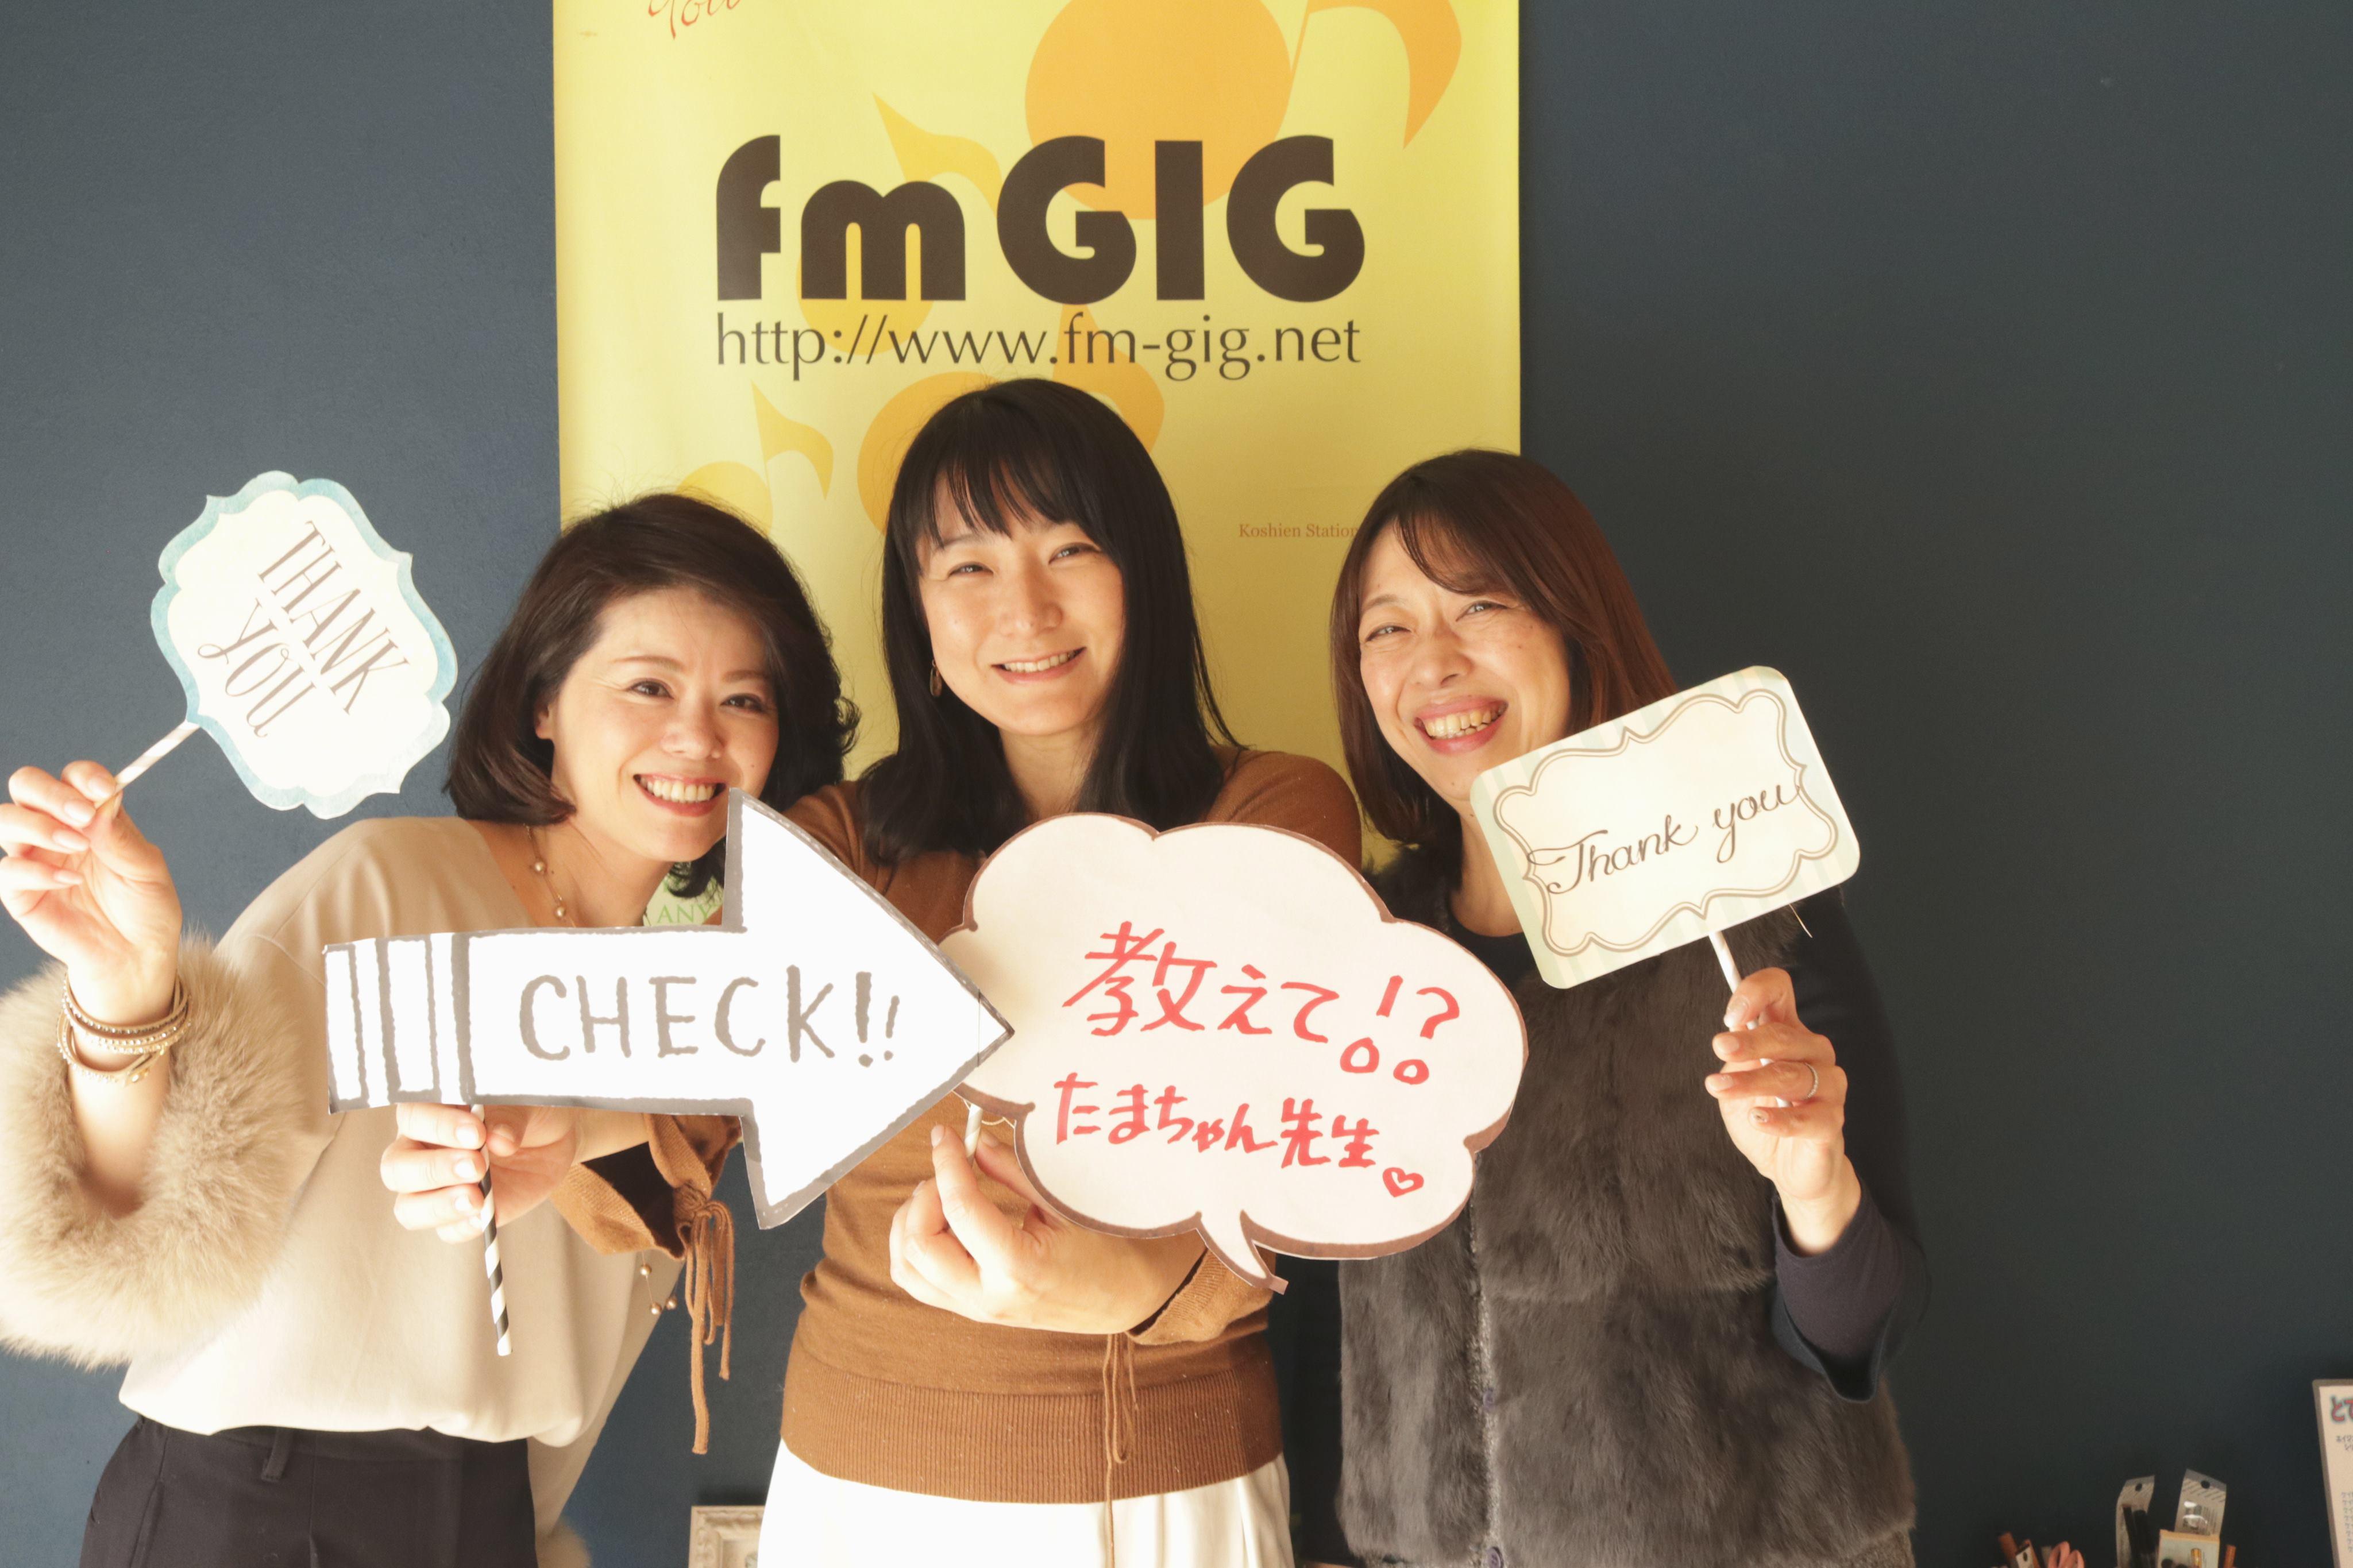 FM GIG「教えて!たまちゃん先生」に出演させていただきました!(2017年1月17日 ONAIR)